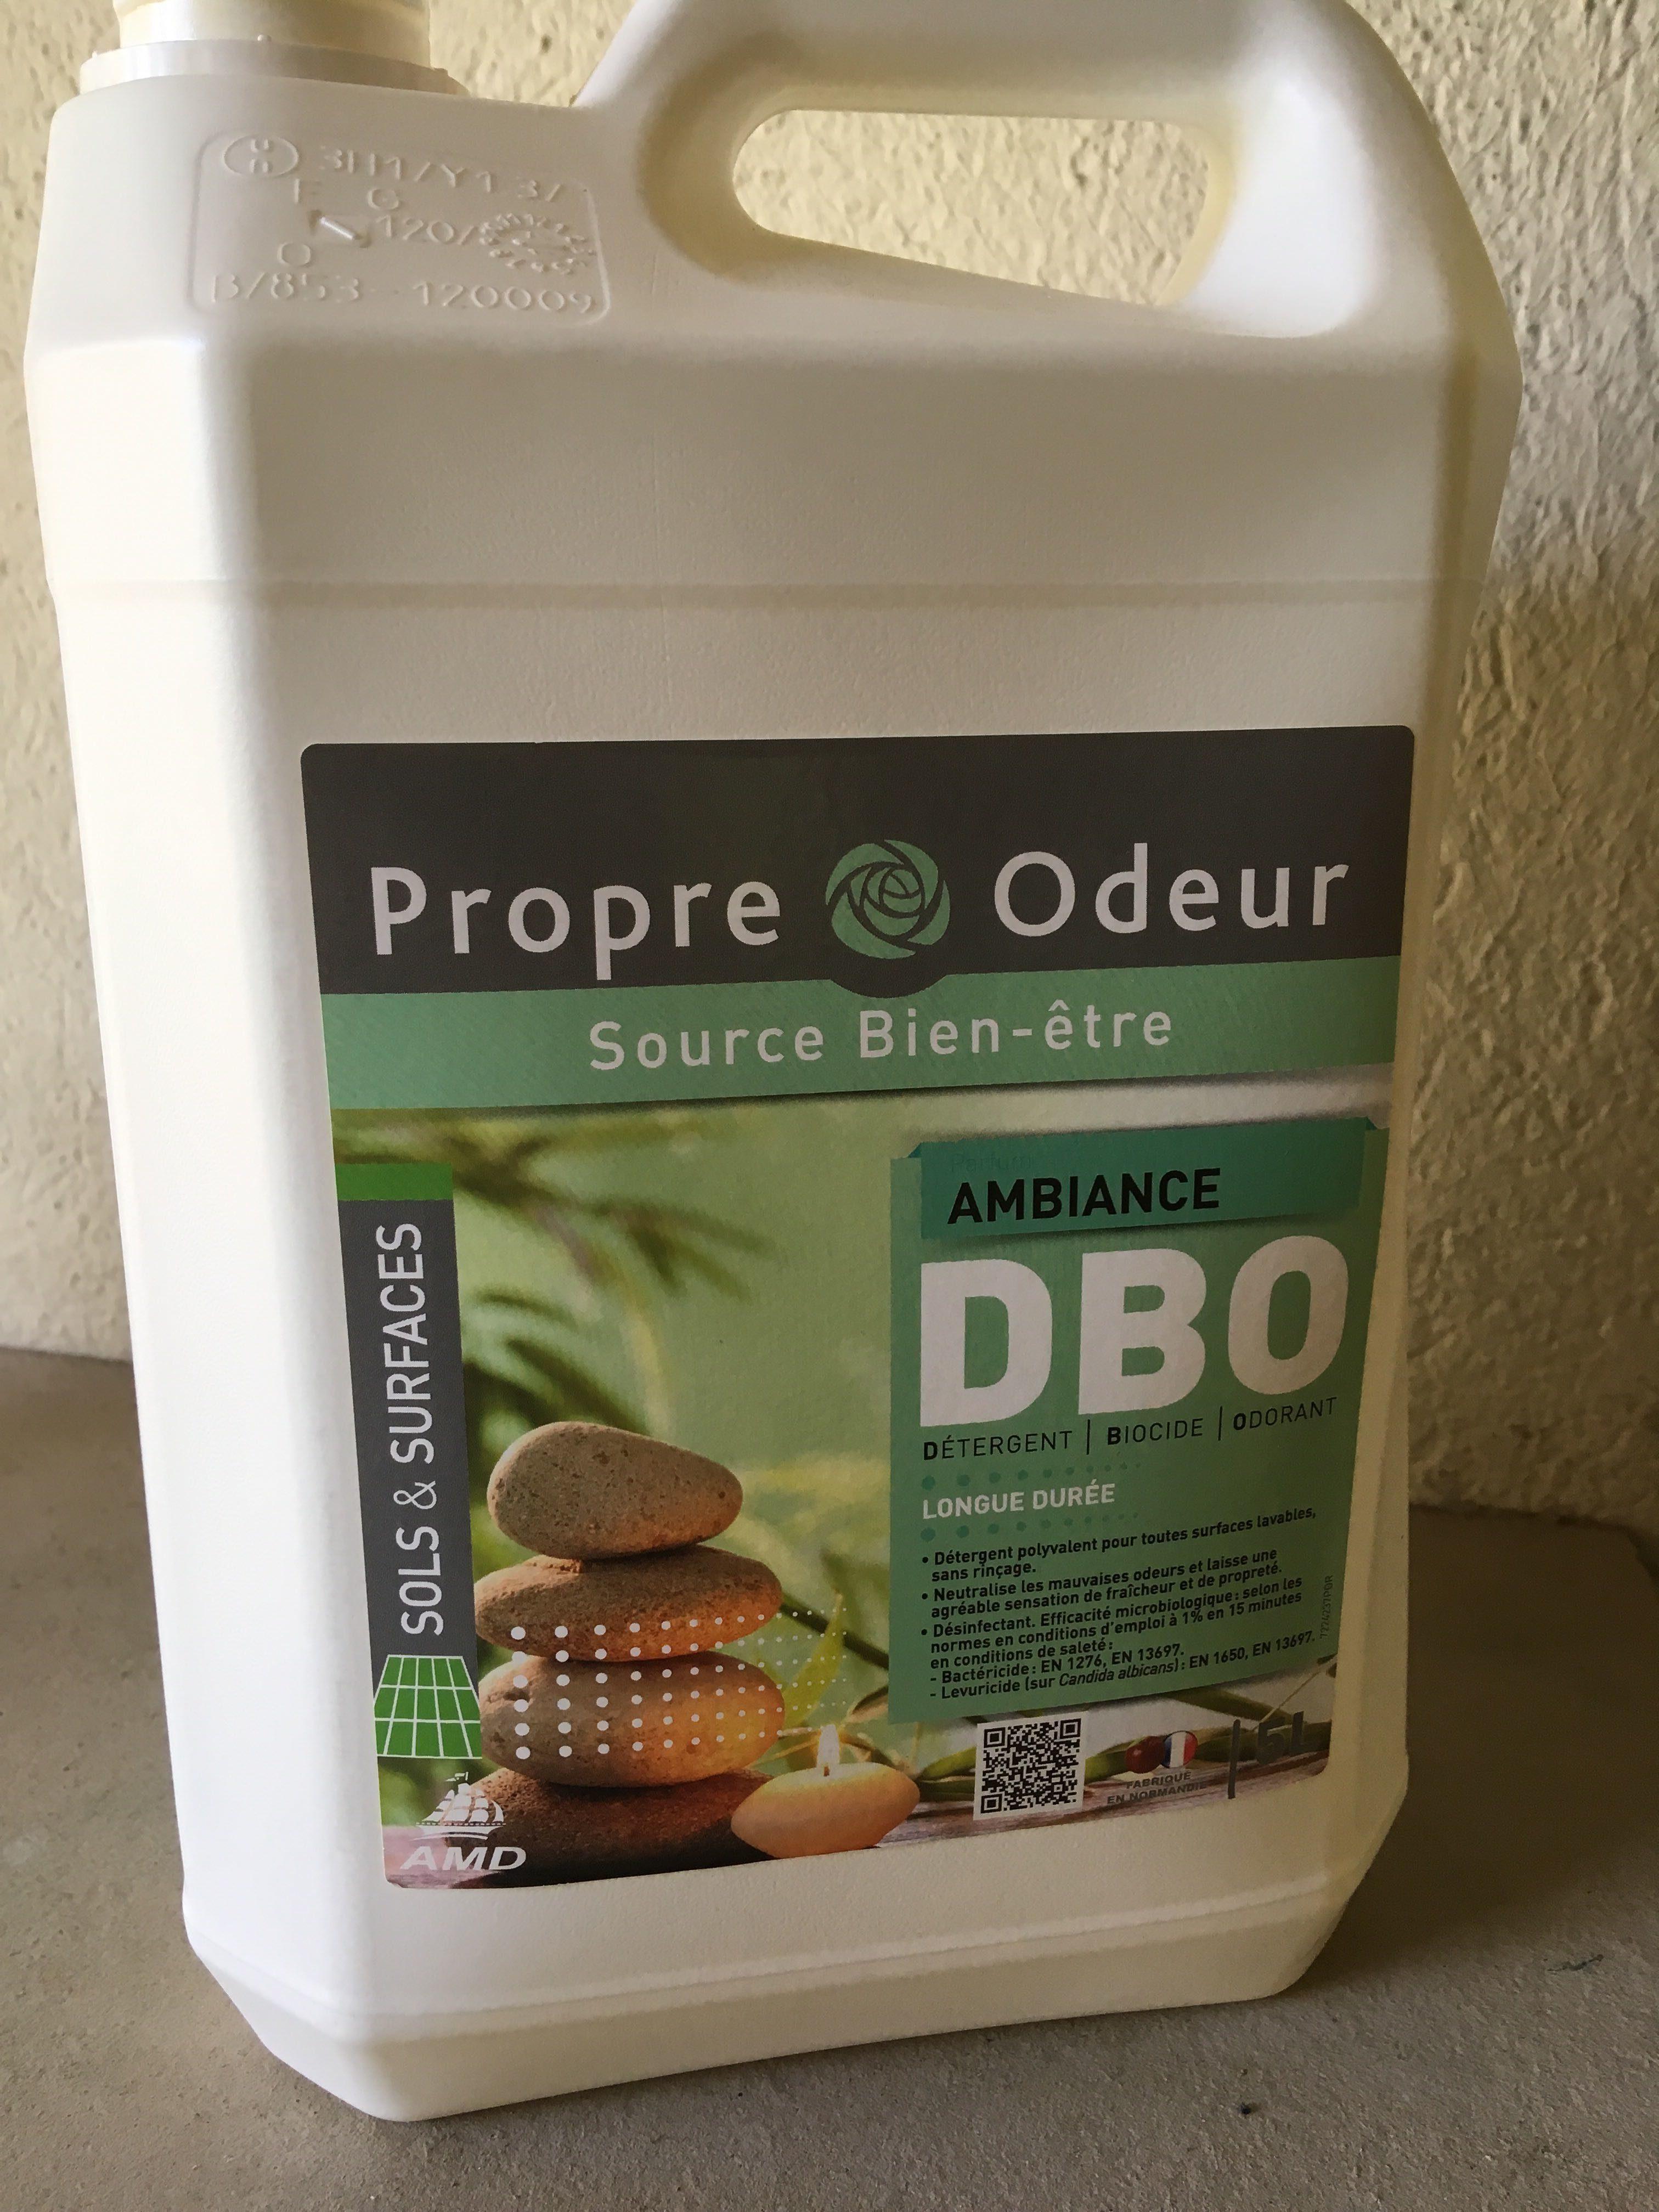 Propre odeur DBO - Produit